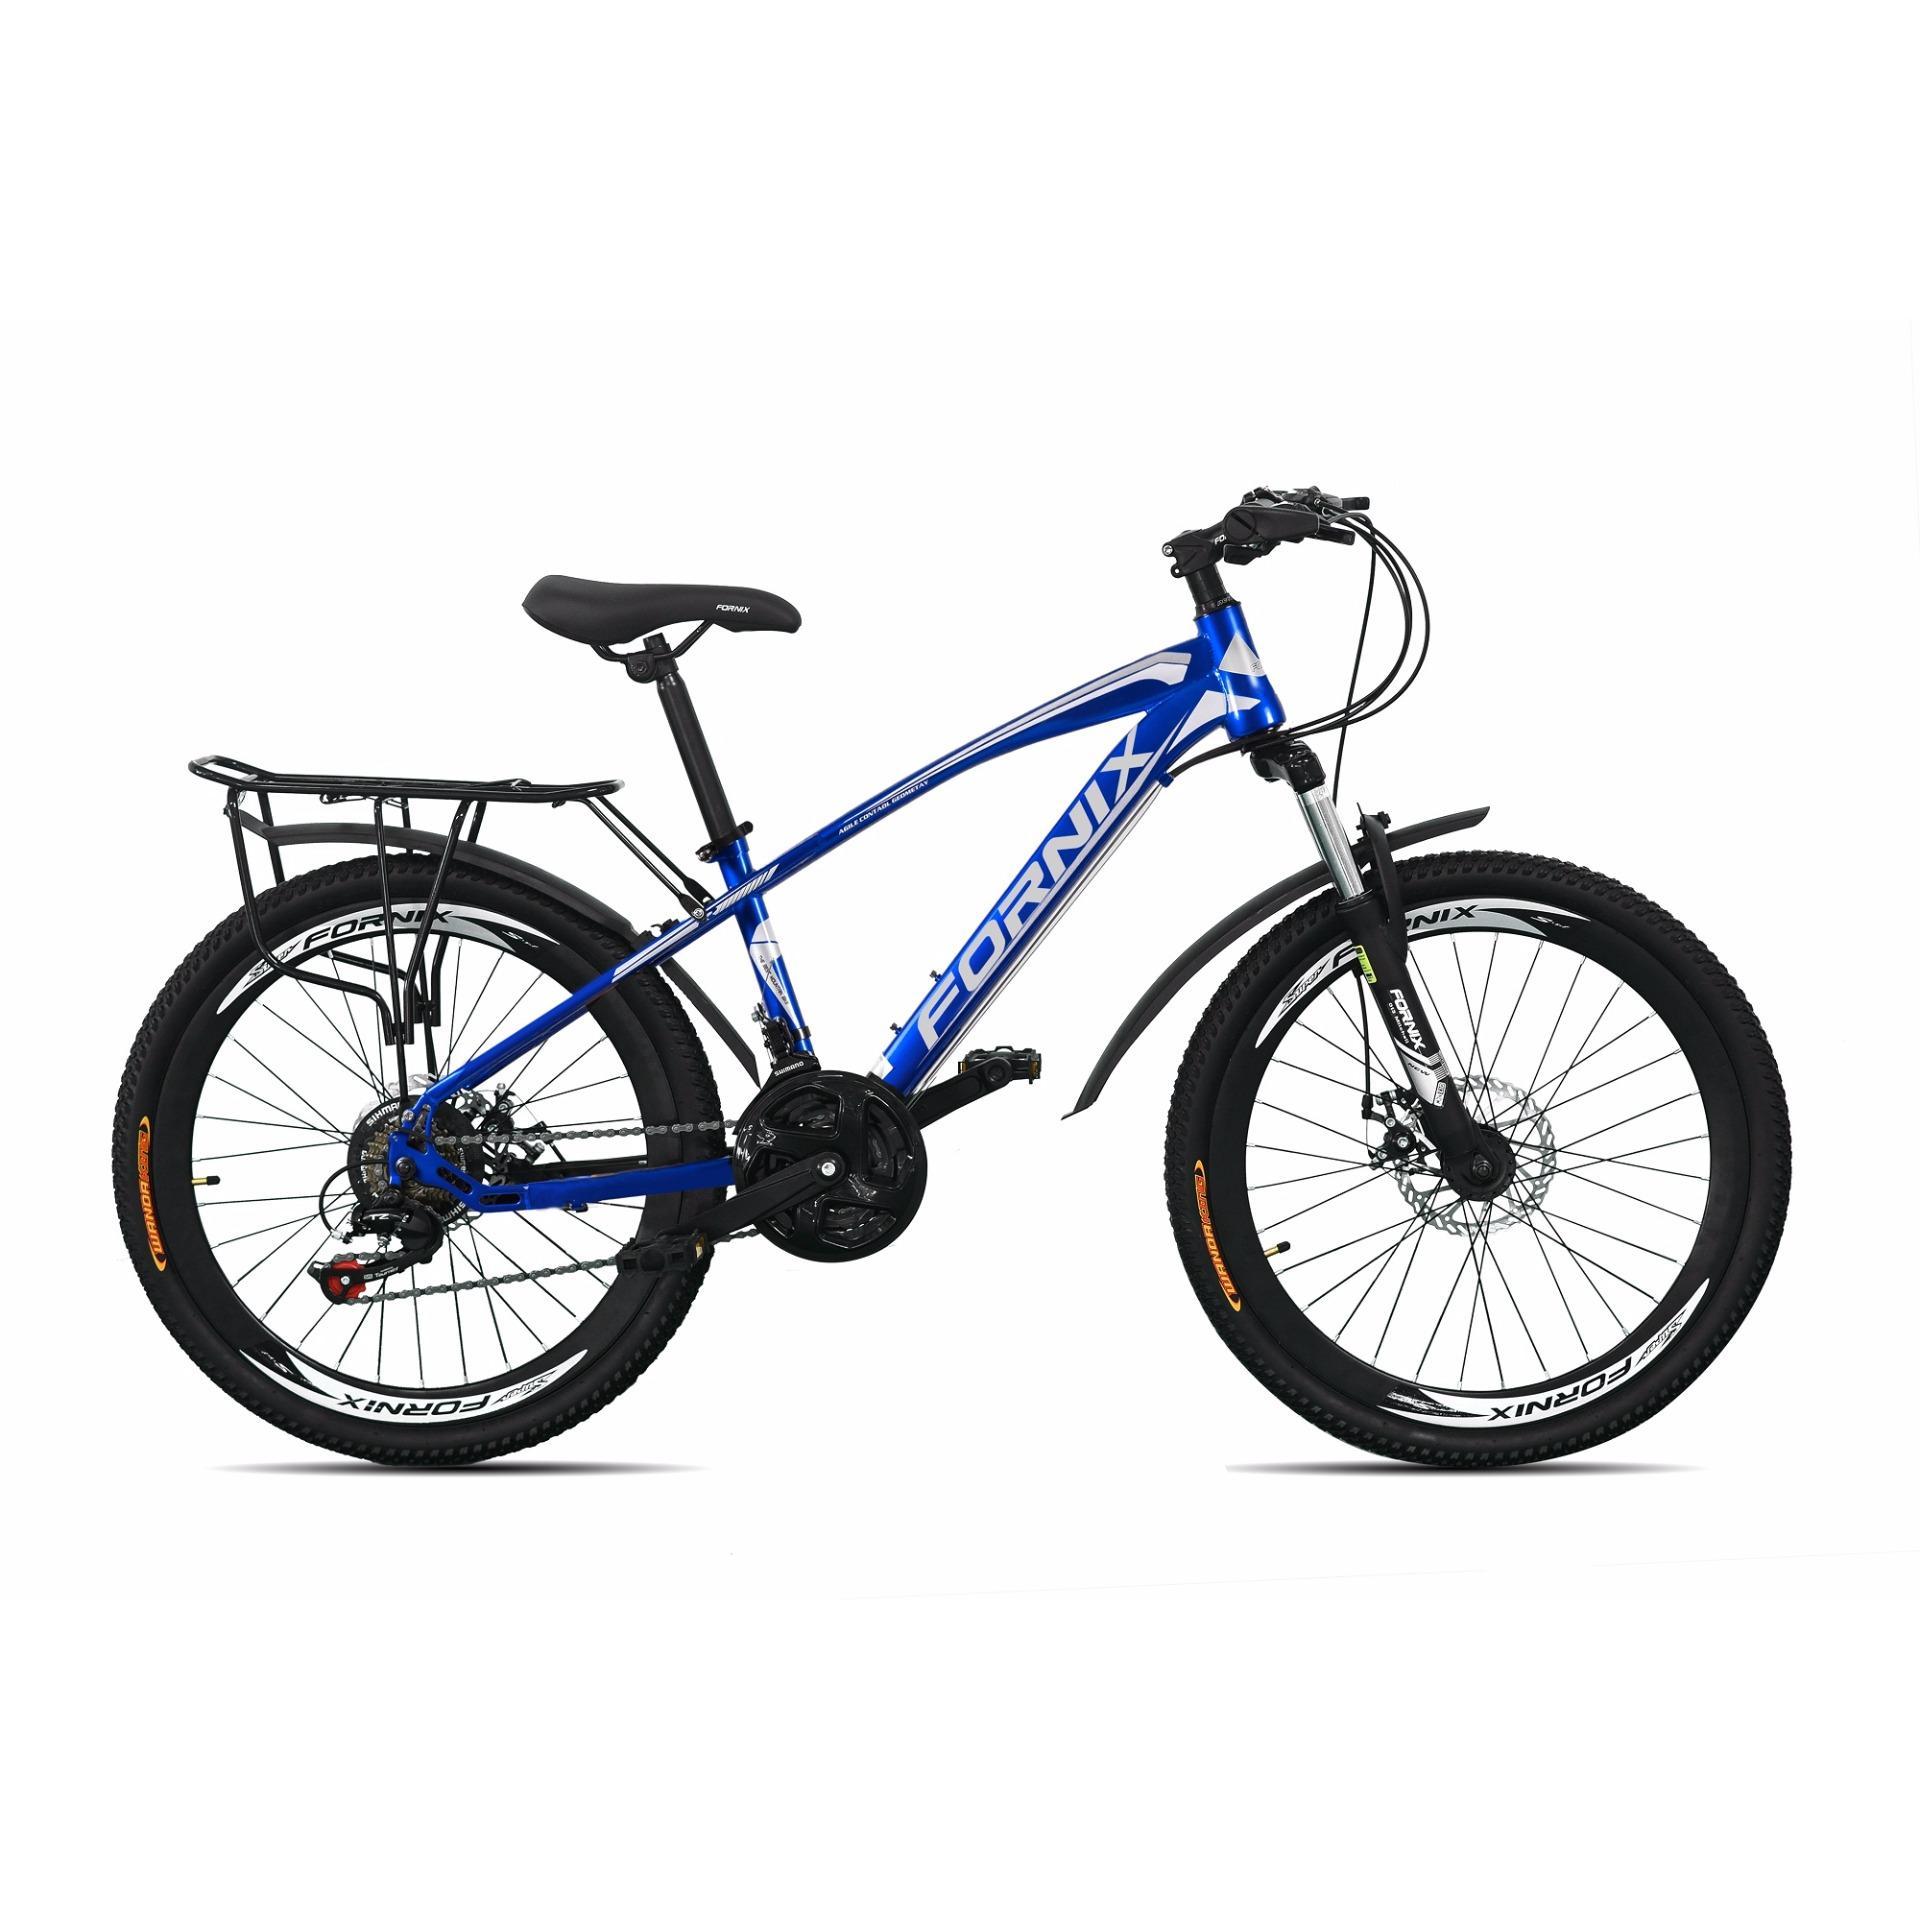 Xe đạp địa hình FORNIX - MS50 (G2) (Xanh bạc)